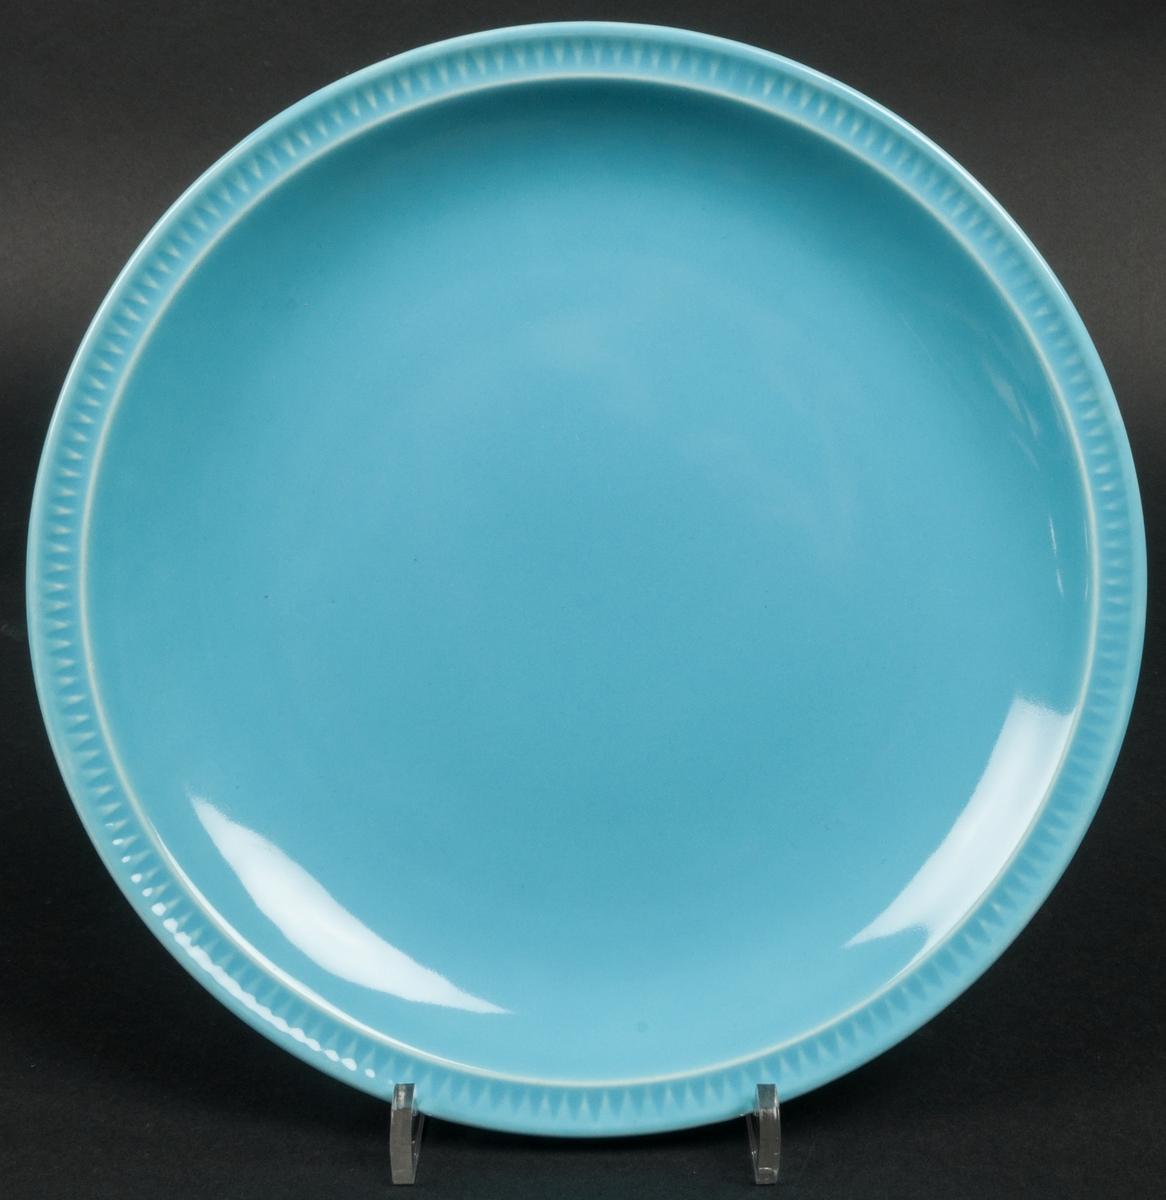 """Tallrik, flat, av flintgods, modell -BE, formgiven av Arthur Percy för Gefle Porslinsfabrik. Rund med taggmönster på minimal bräm. Stor spegel. Stor fotring. Glasyr """"Turkos 2"""", mättad turkos glasyr av Percy 1952. Etikett med blå skorstensstämpel under och skriven text i kulspets """"BE 9"""" fl (Turkos) Indiana No 20""""."""